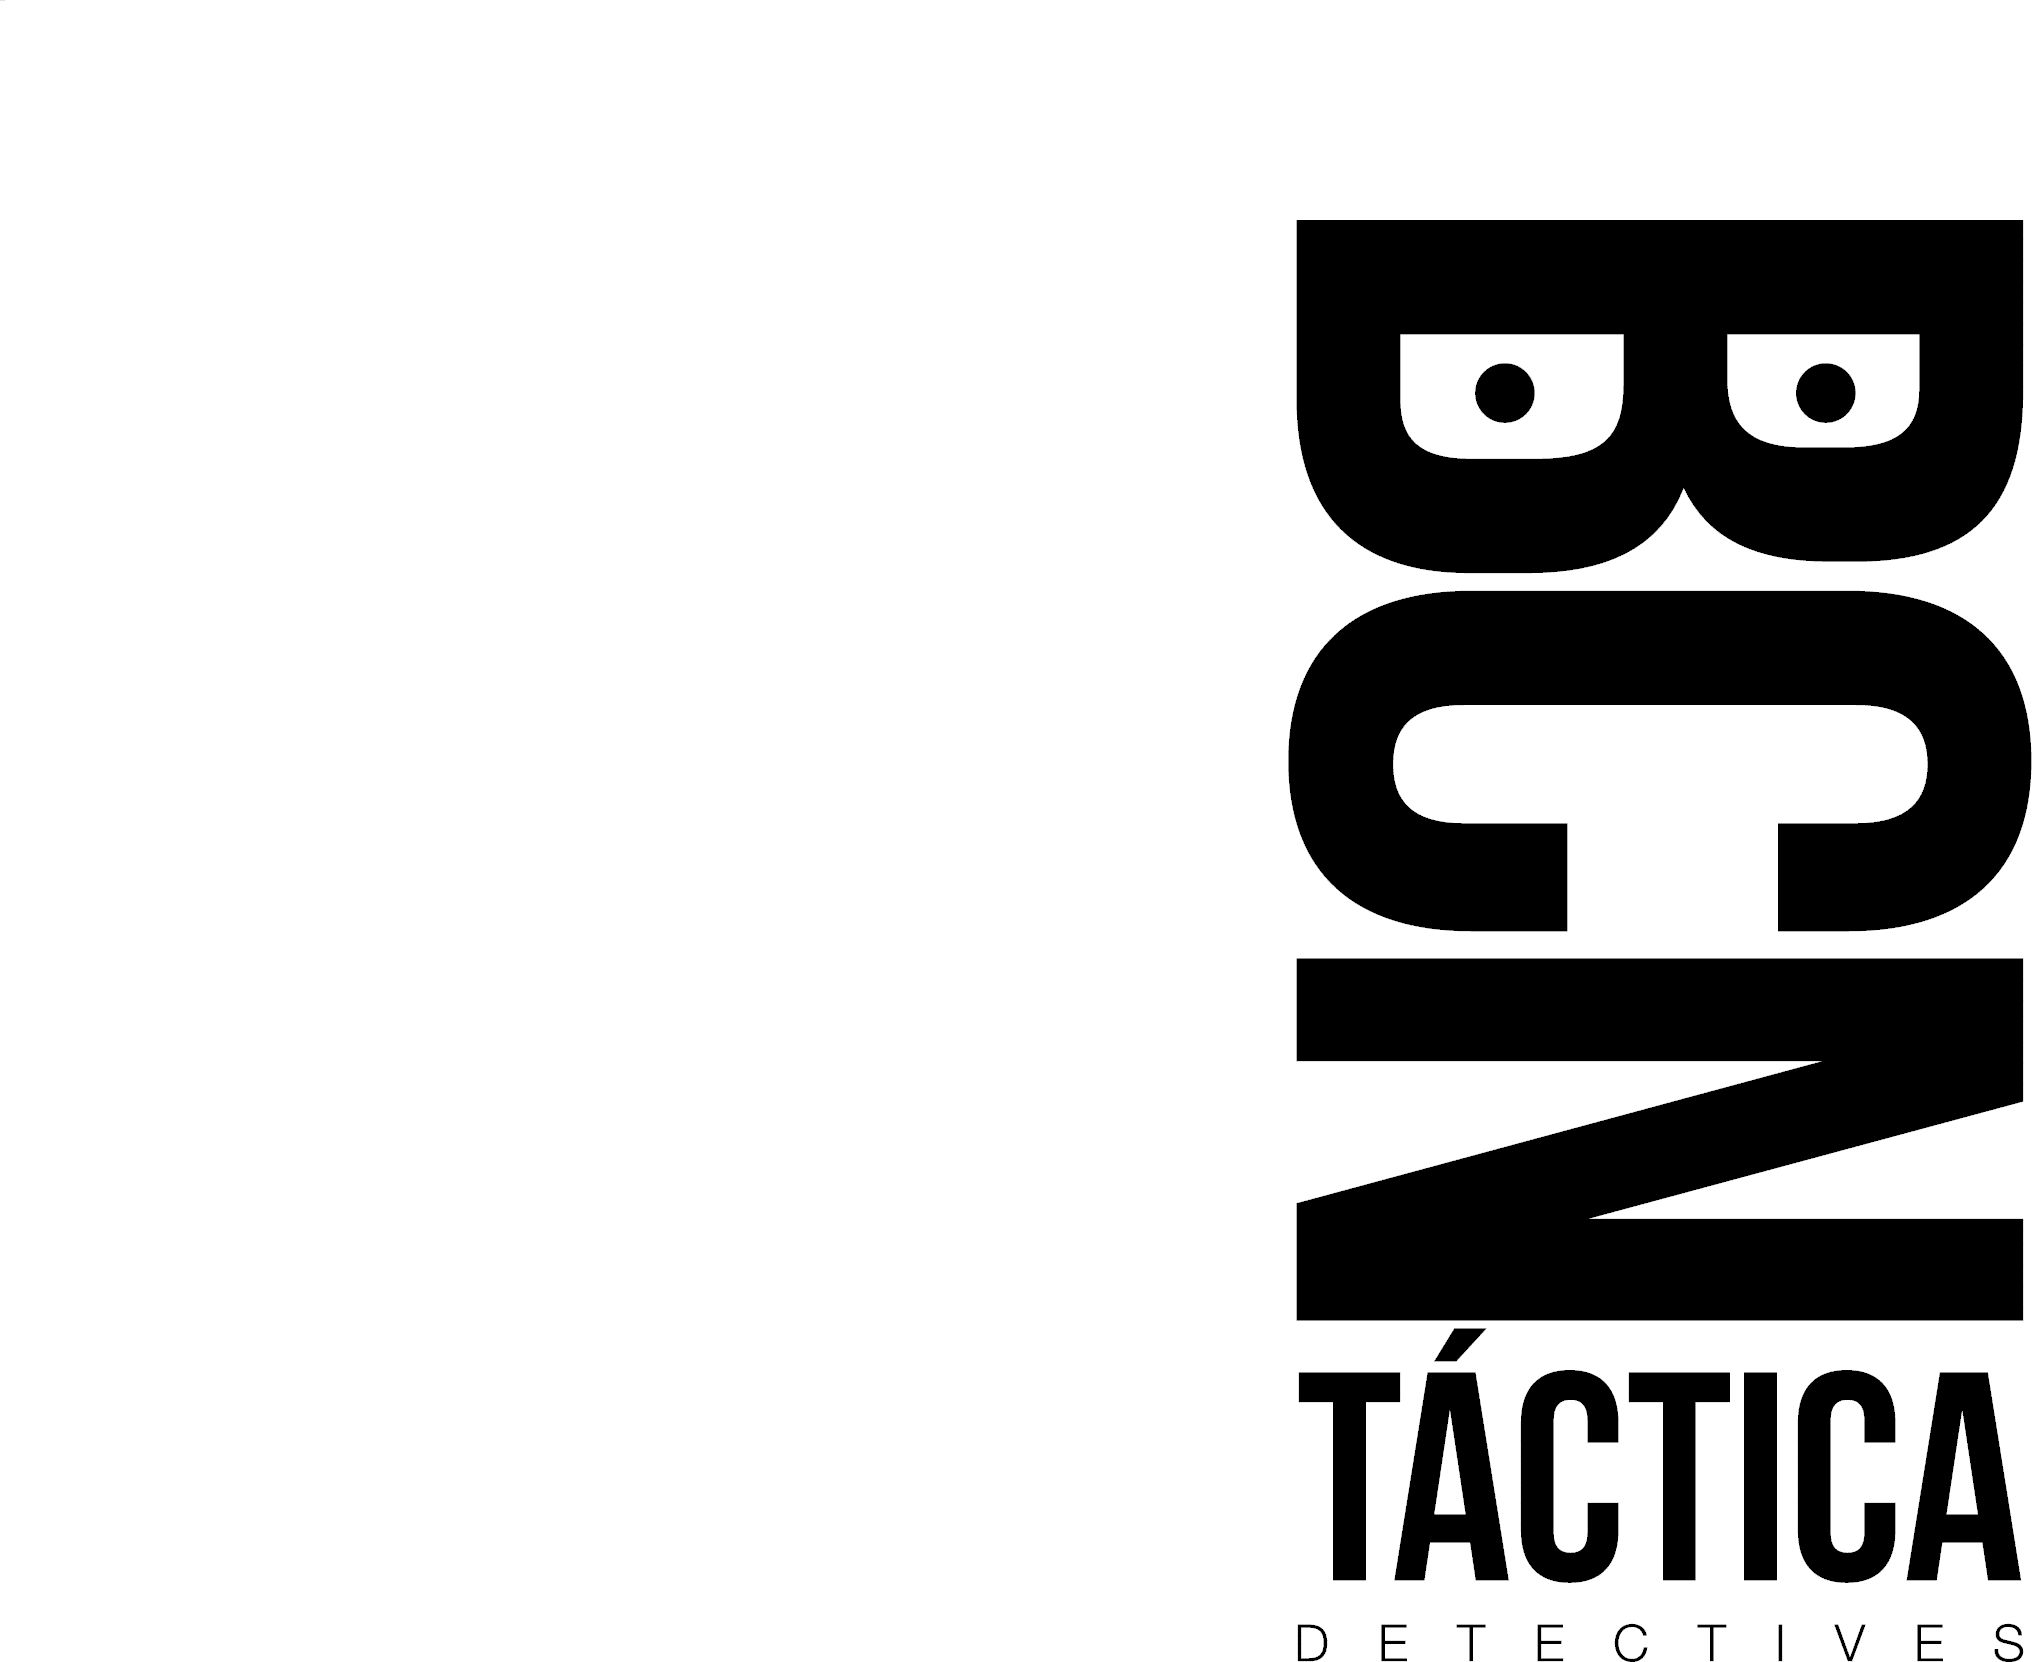 TÁCTICA DETECTIVES BARCELONA